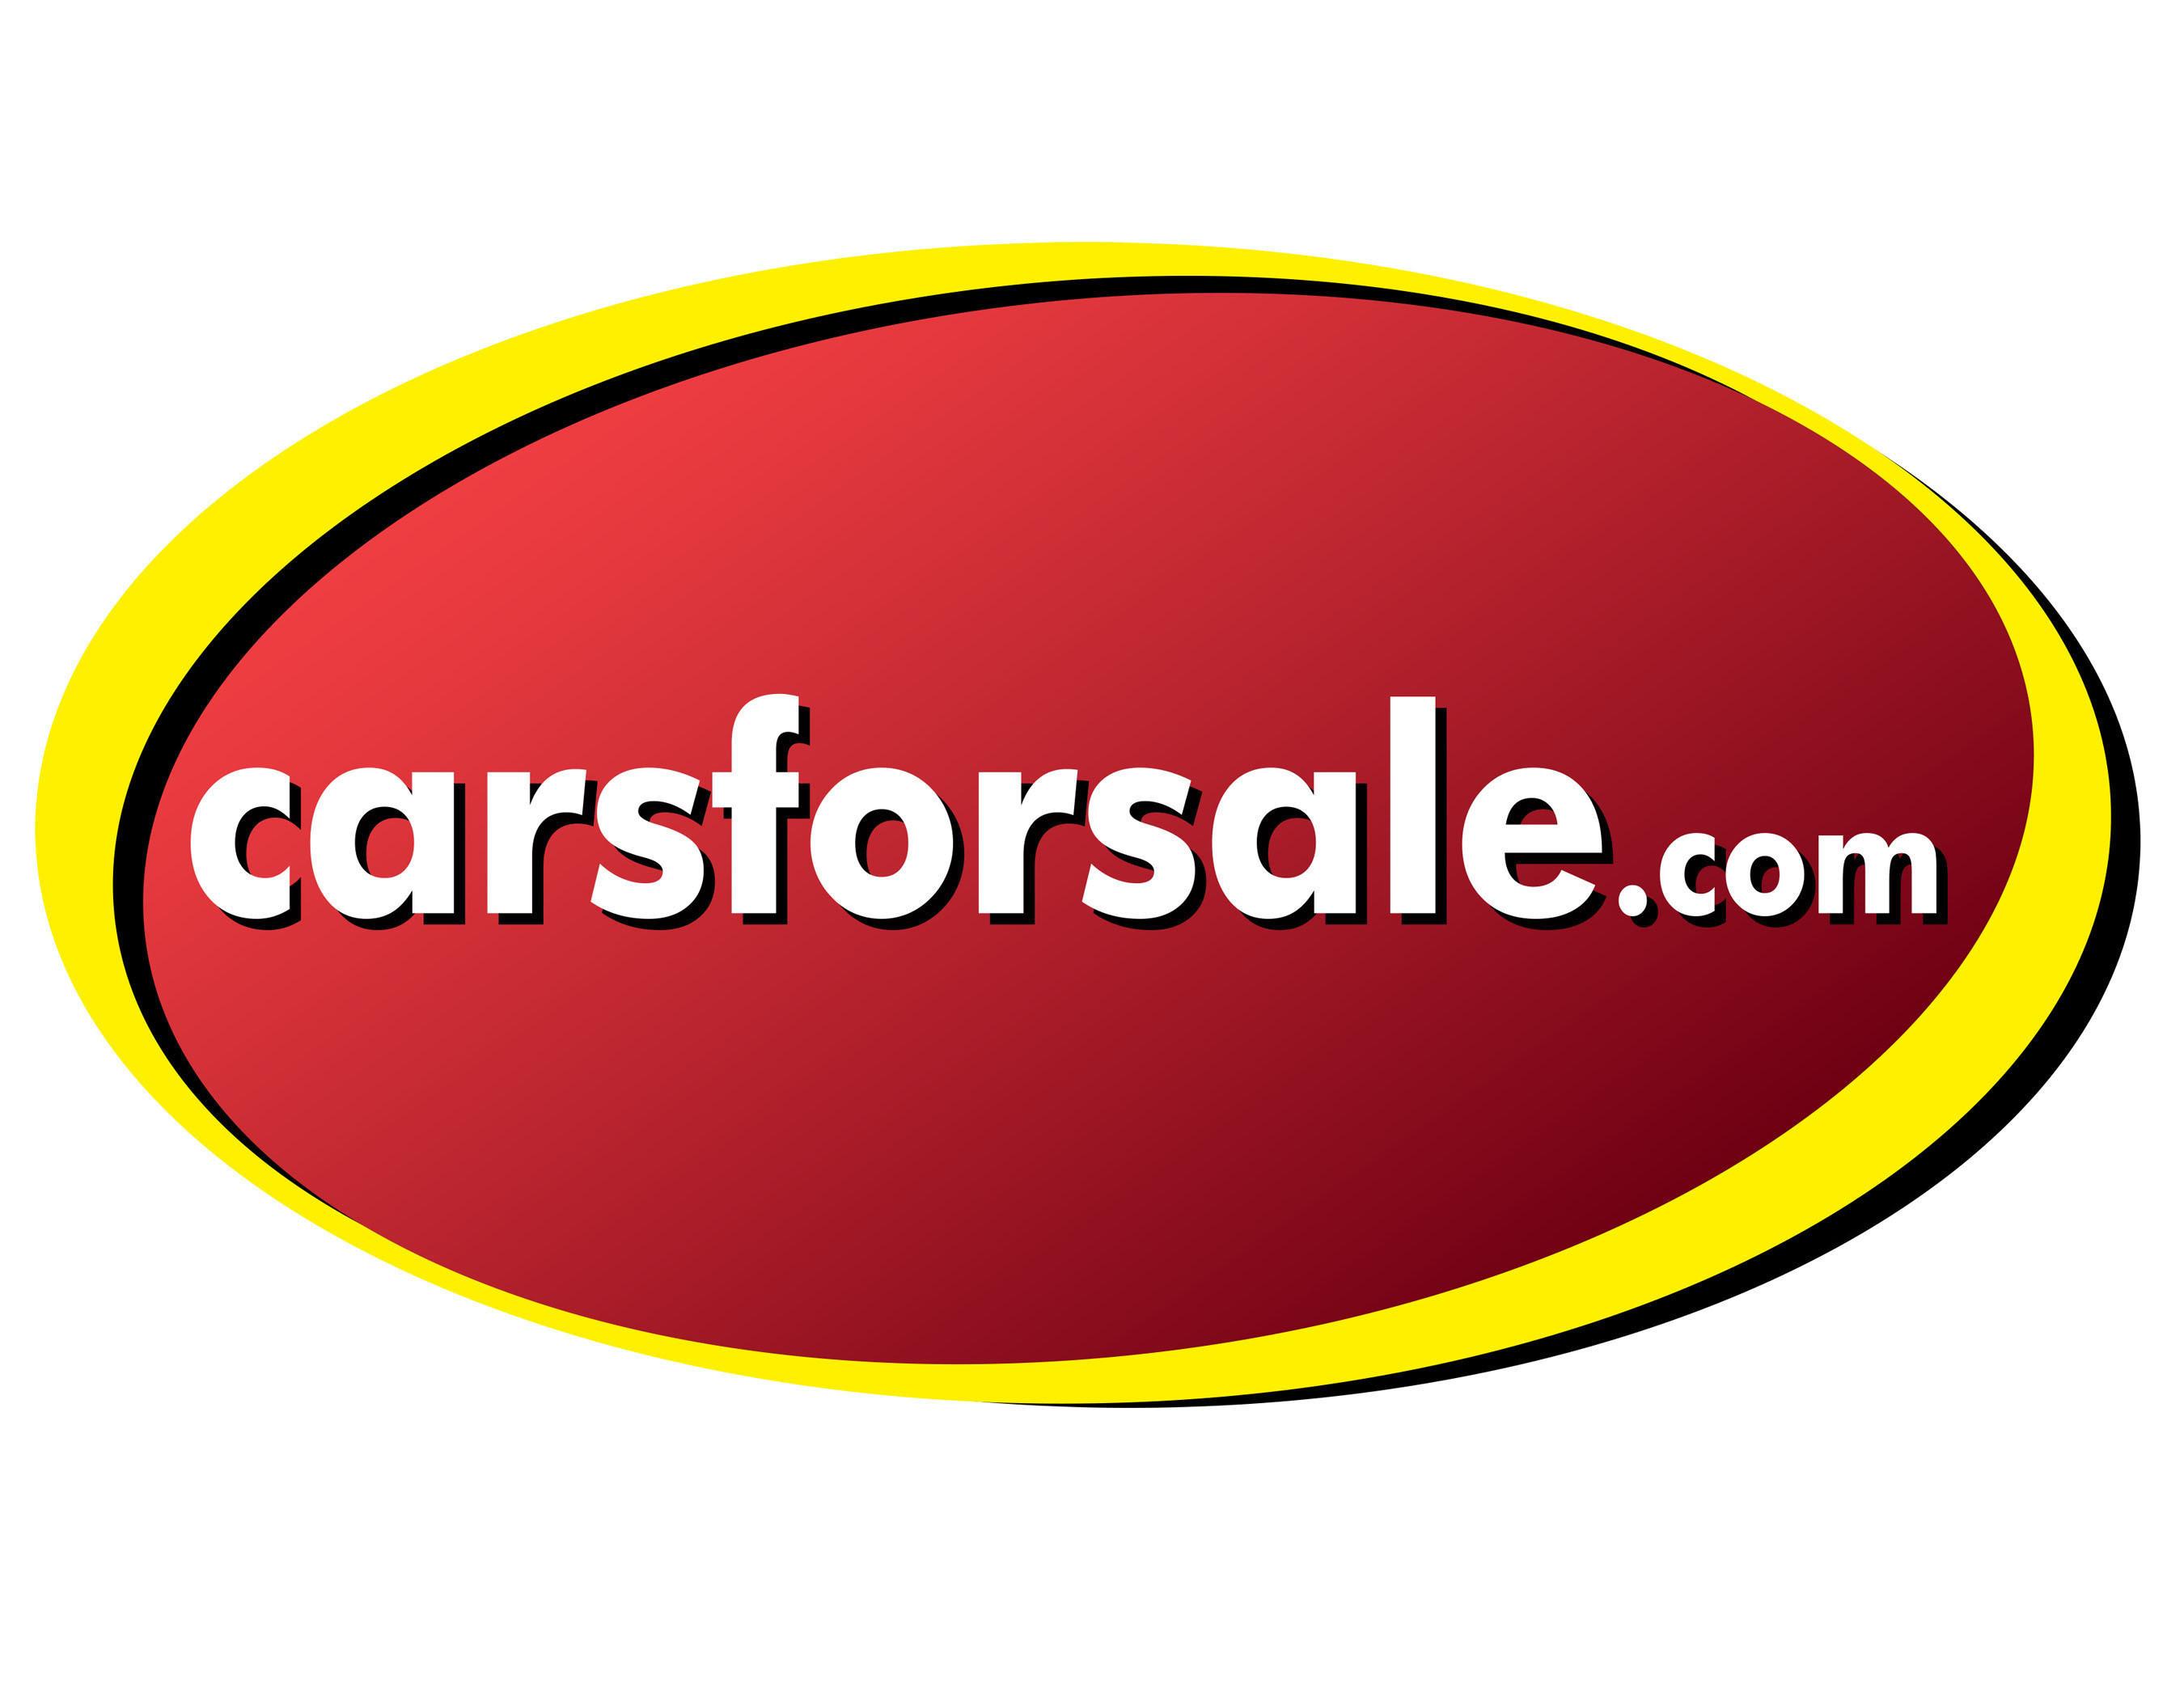 Carsforsale.com Logo.